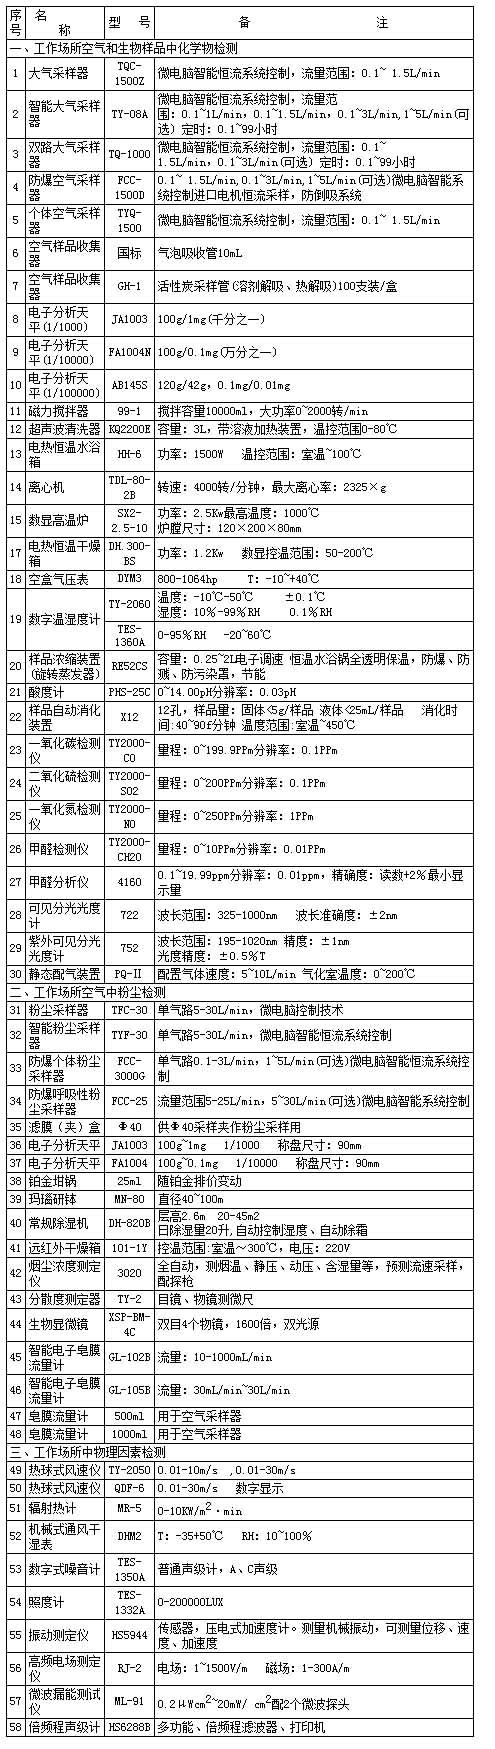 职业卫生机构仪器清单